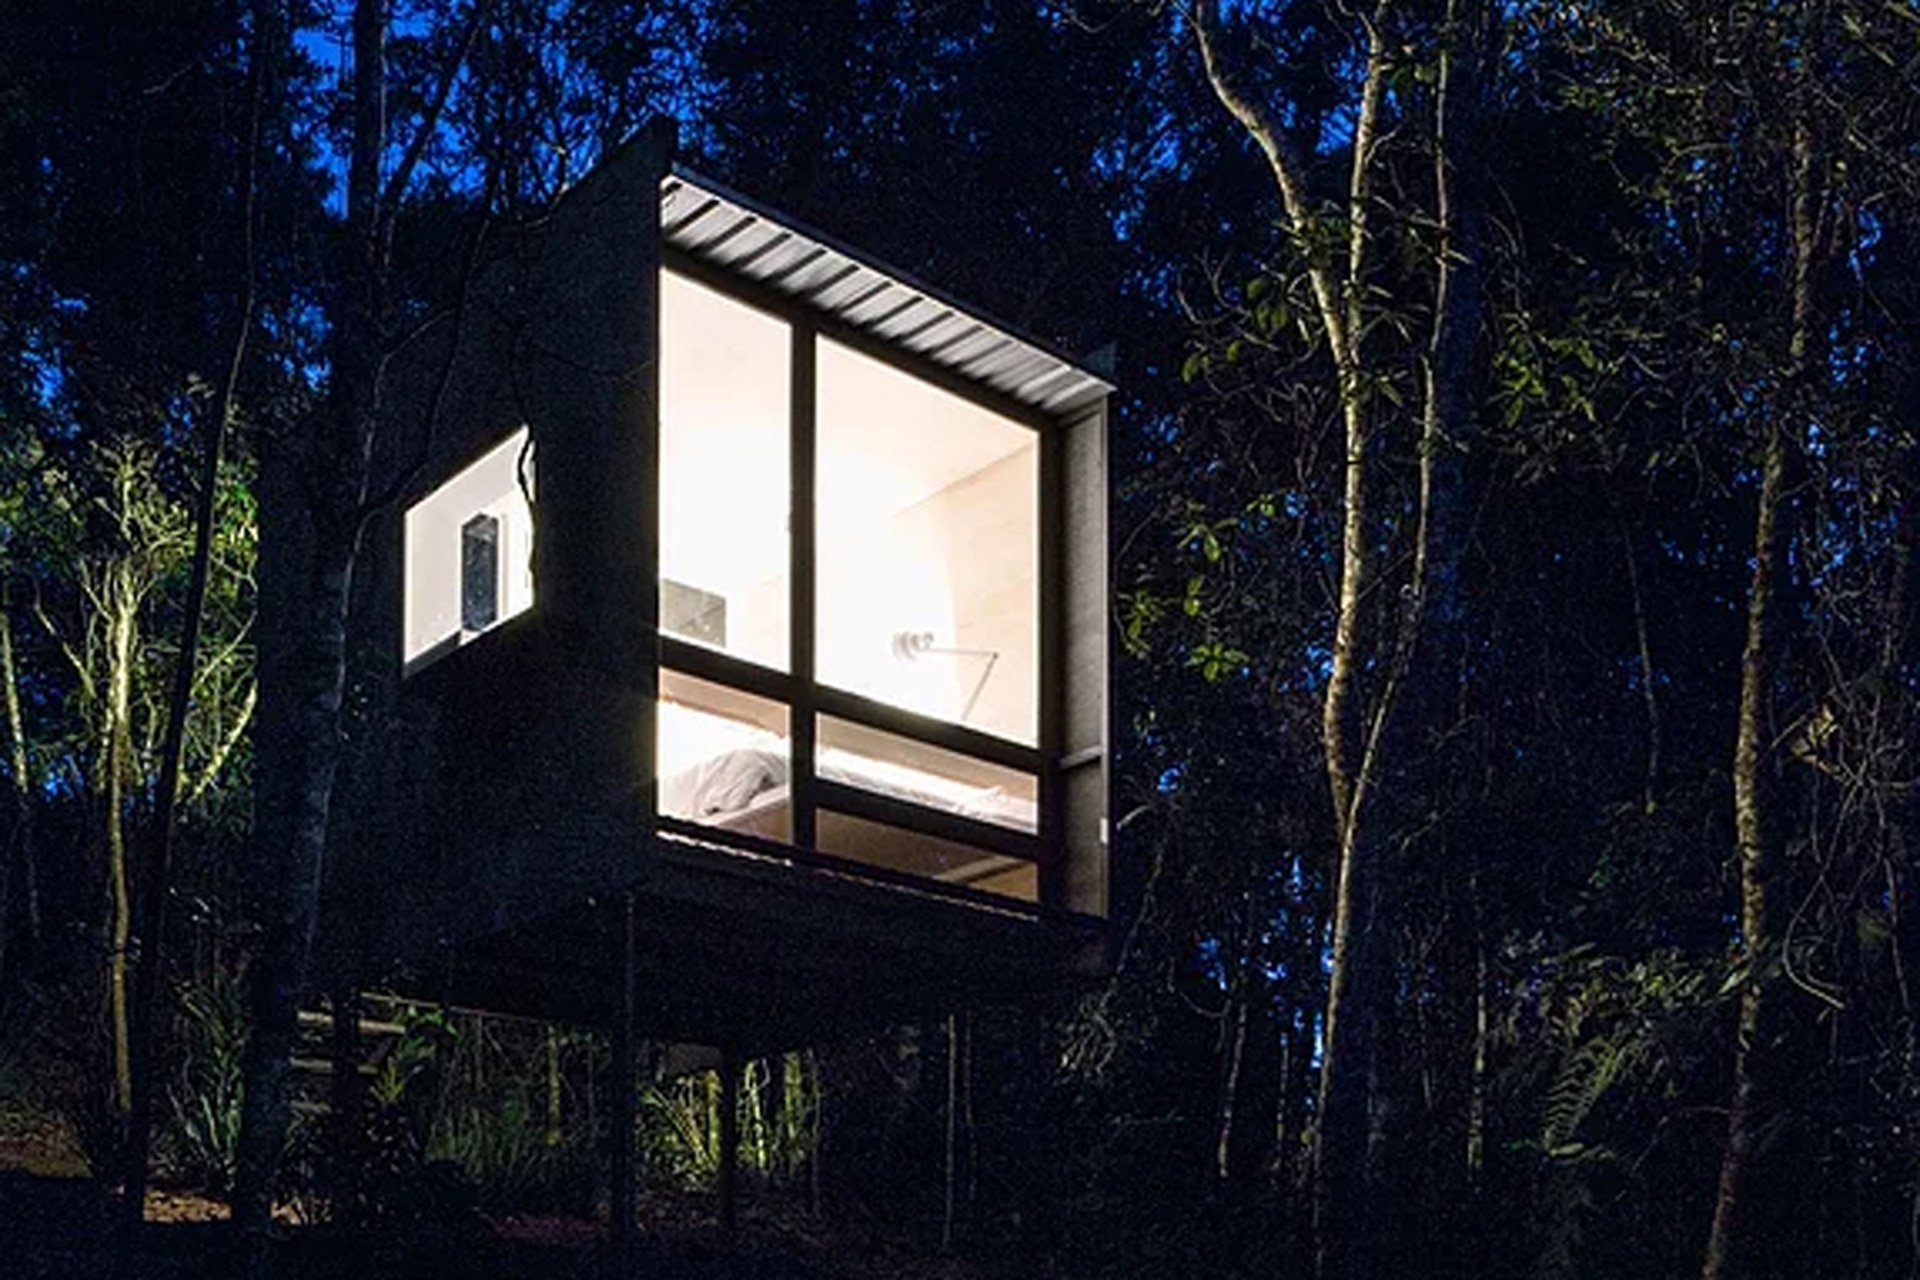 La casa del árbol de diseñada por la Arquitecta Silvia Acar